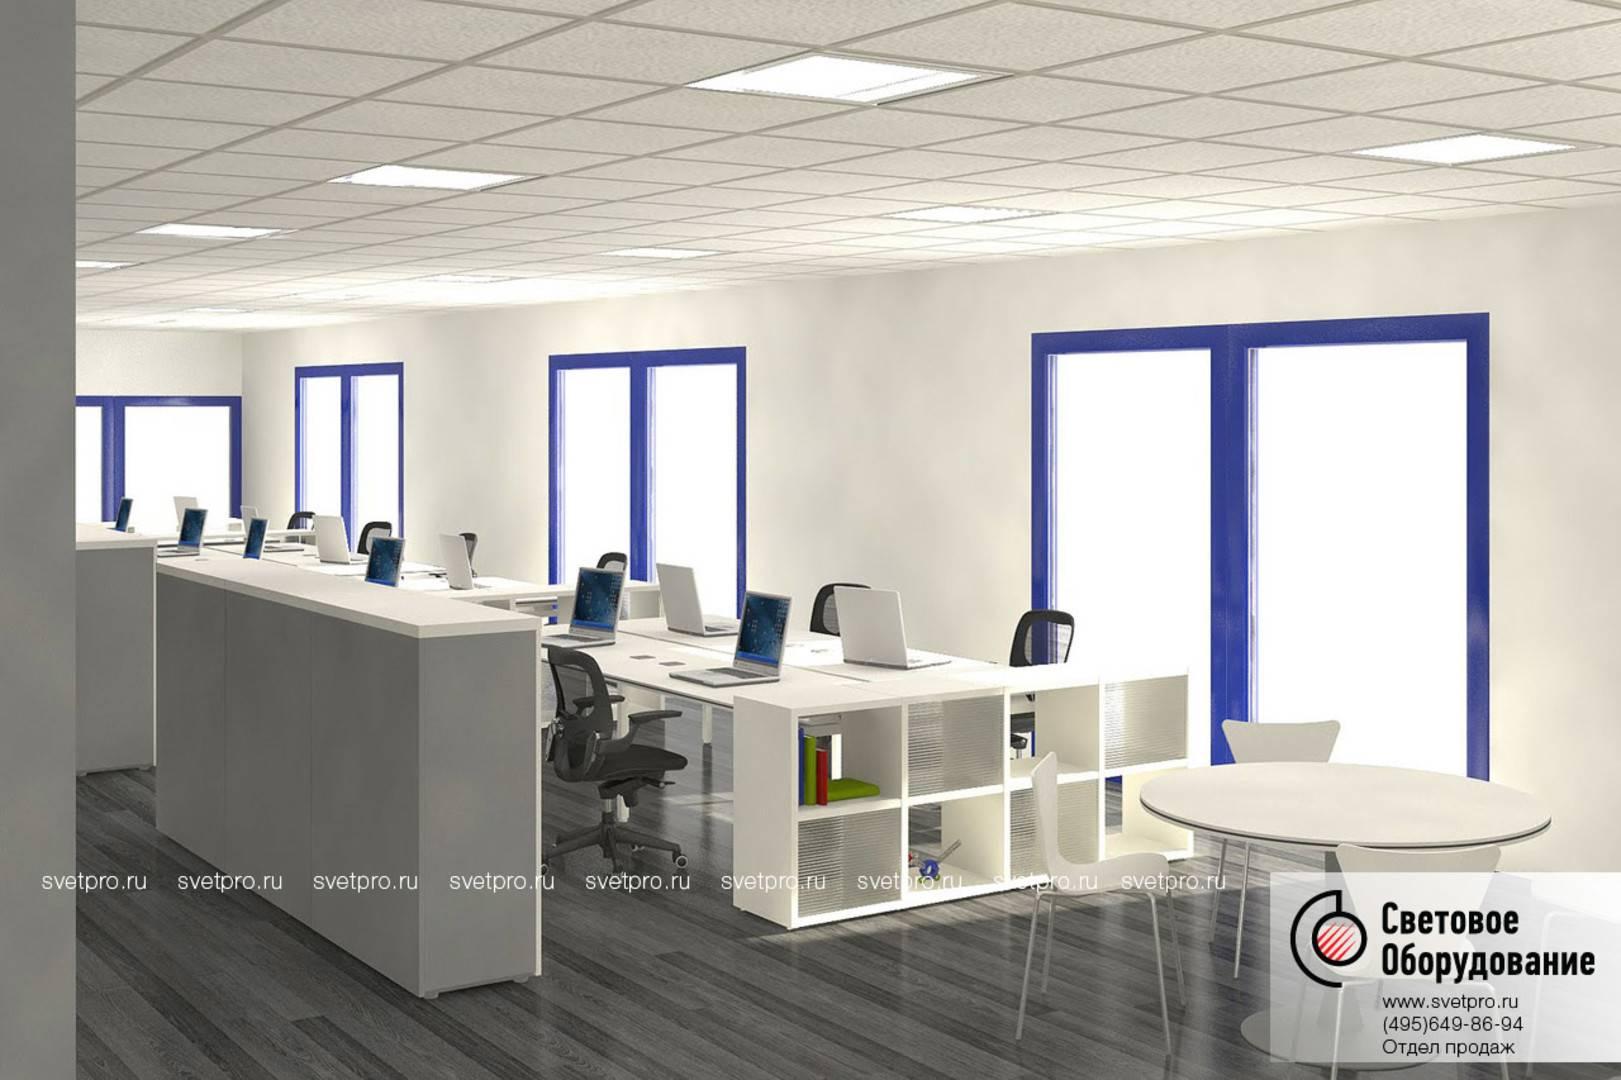 Освещение офиса: нормы и рекомендации экспертов